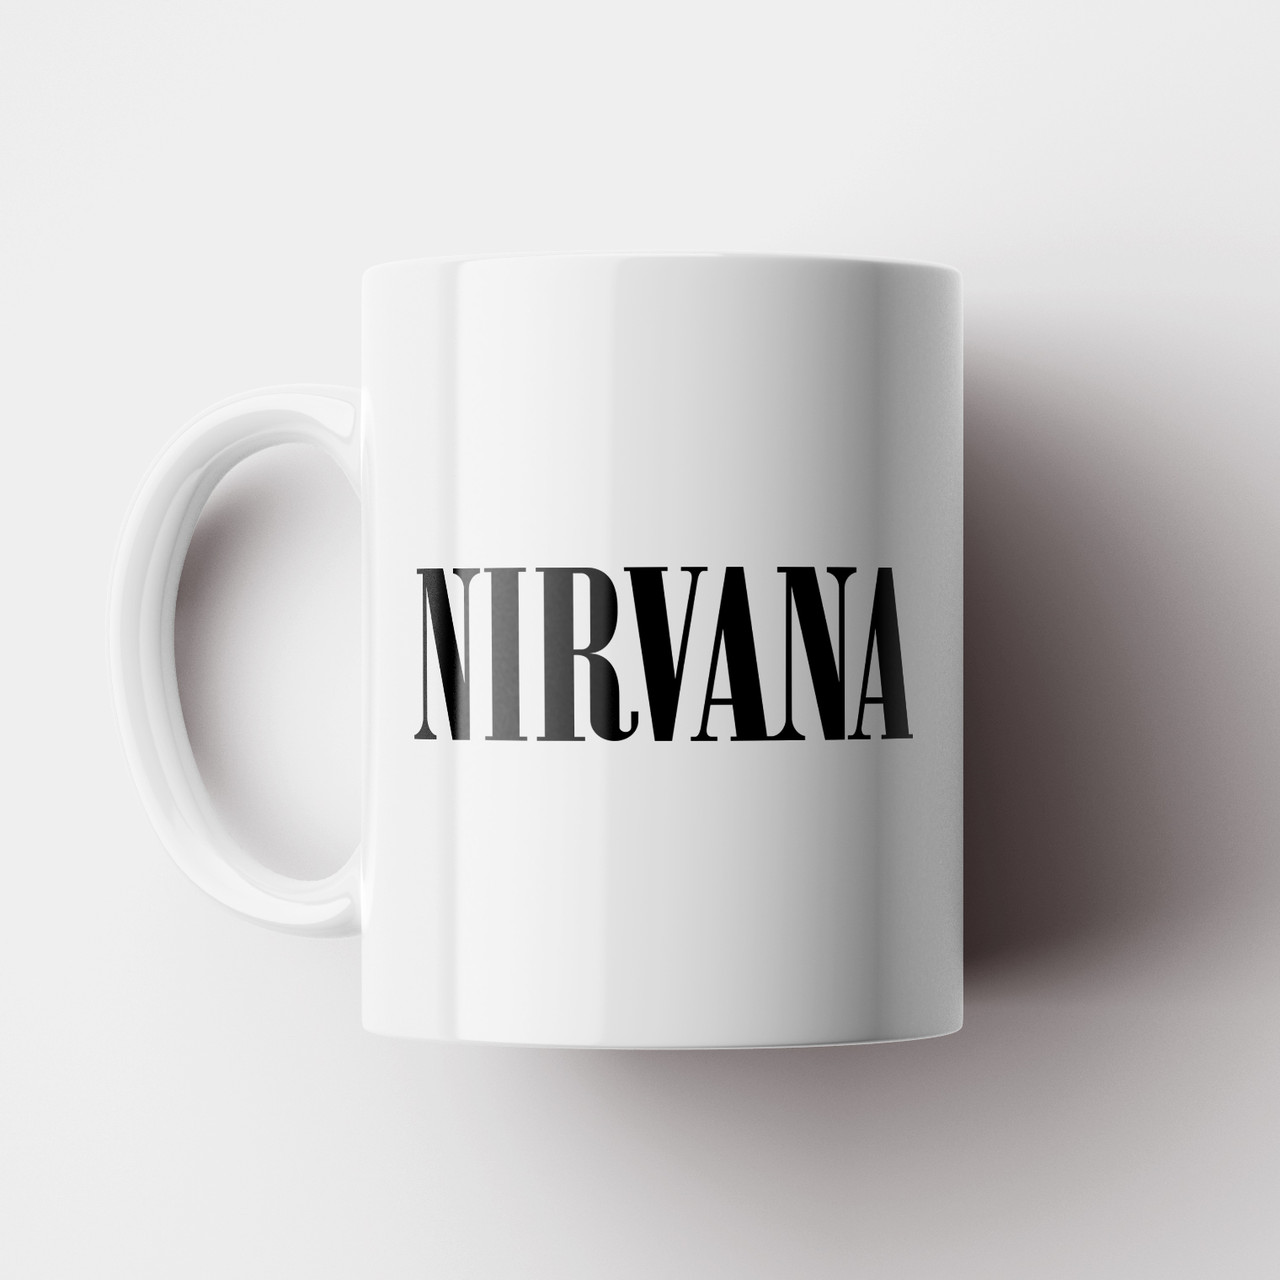 Чашка Nirvana. Рок Музыка. Rock. Чашка с фото Нирвана